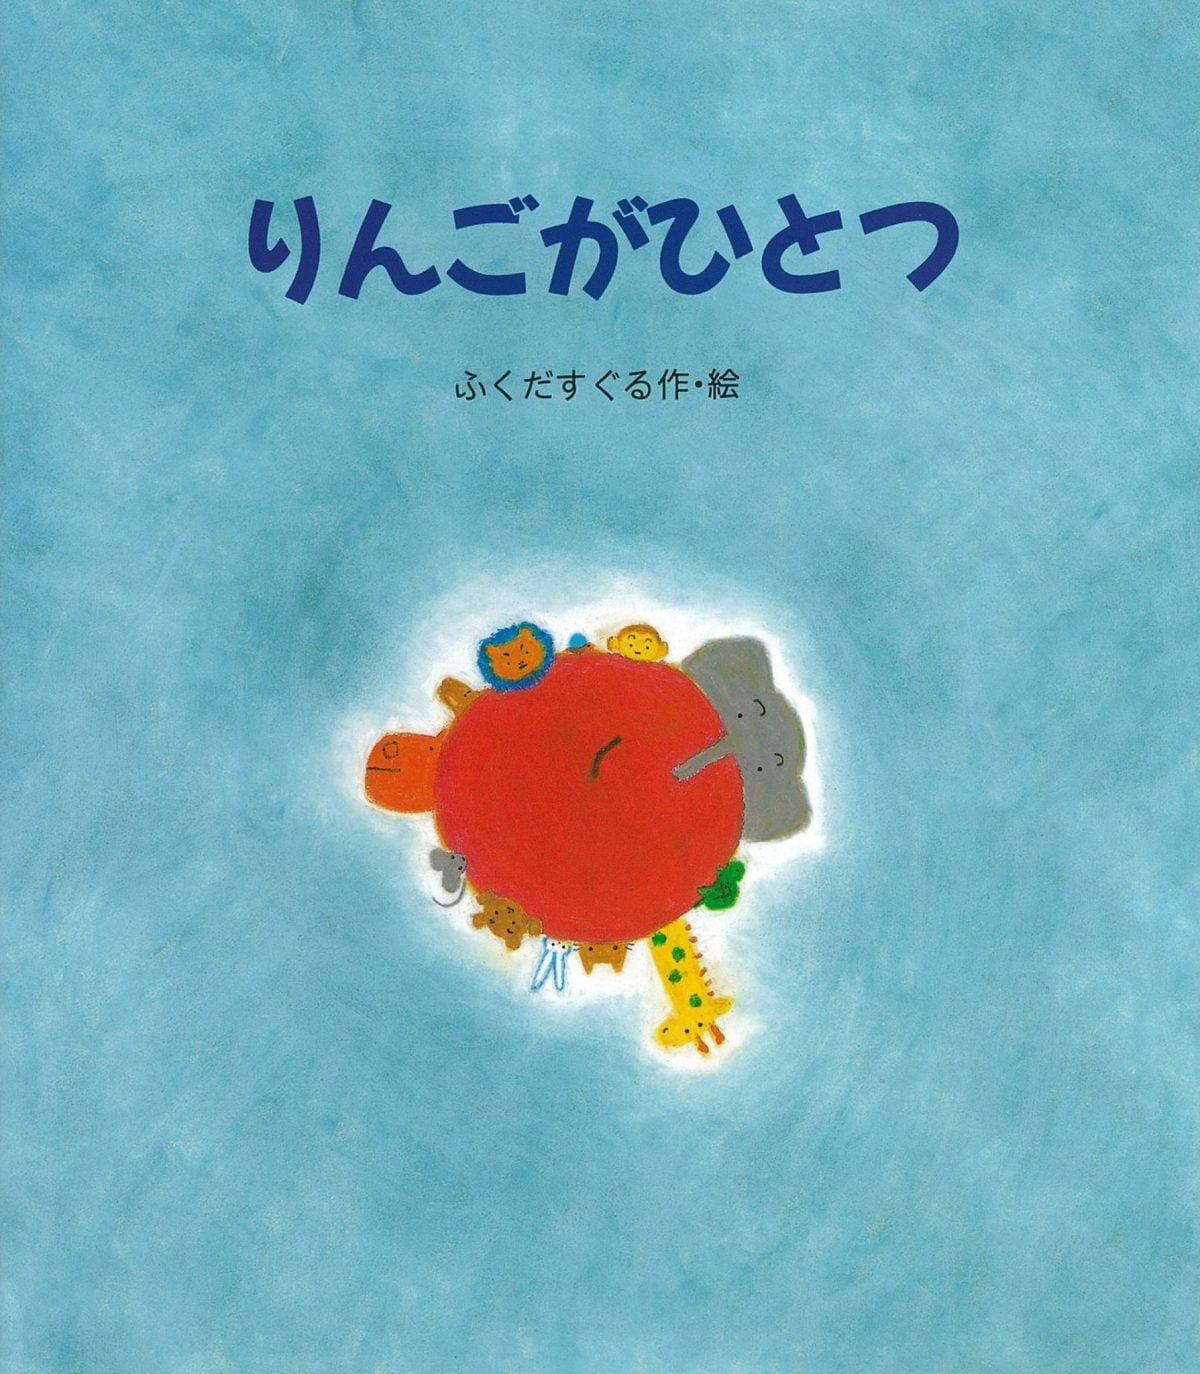 絵本「りんごがひとつ」の表紙